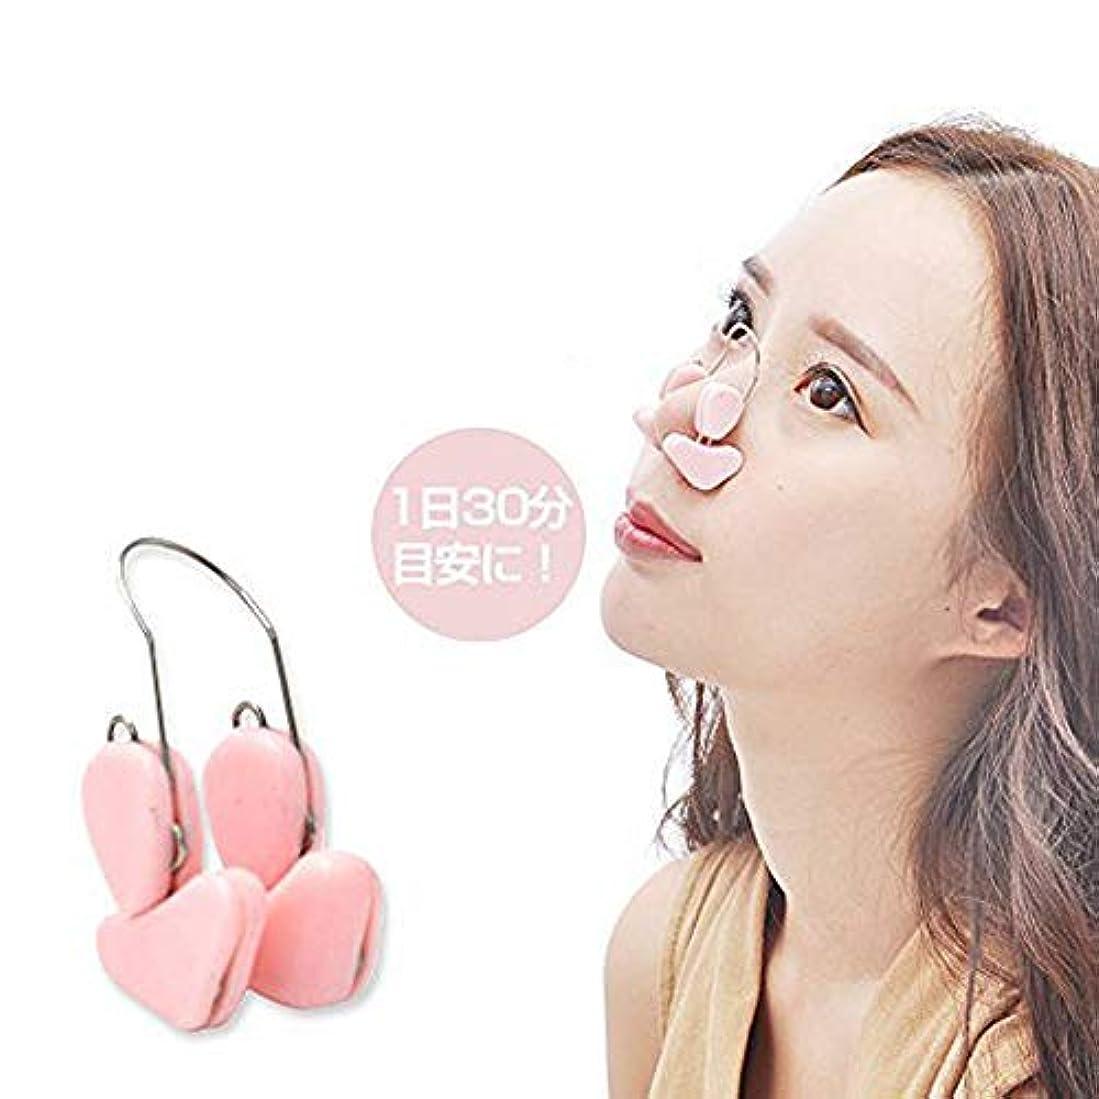 ボイコット不器用相談ノーズクリップ 鼻 高く 鼻矯正 鼻プチ ノーズピン 矯正 鼻を高くする 鼻筋セレブ ノーズパッド シンクロ だんご鼻